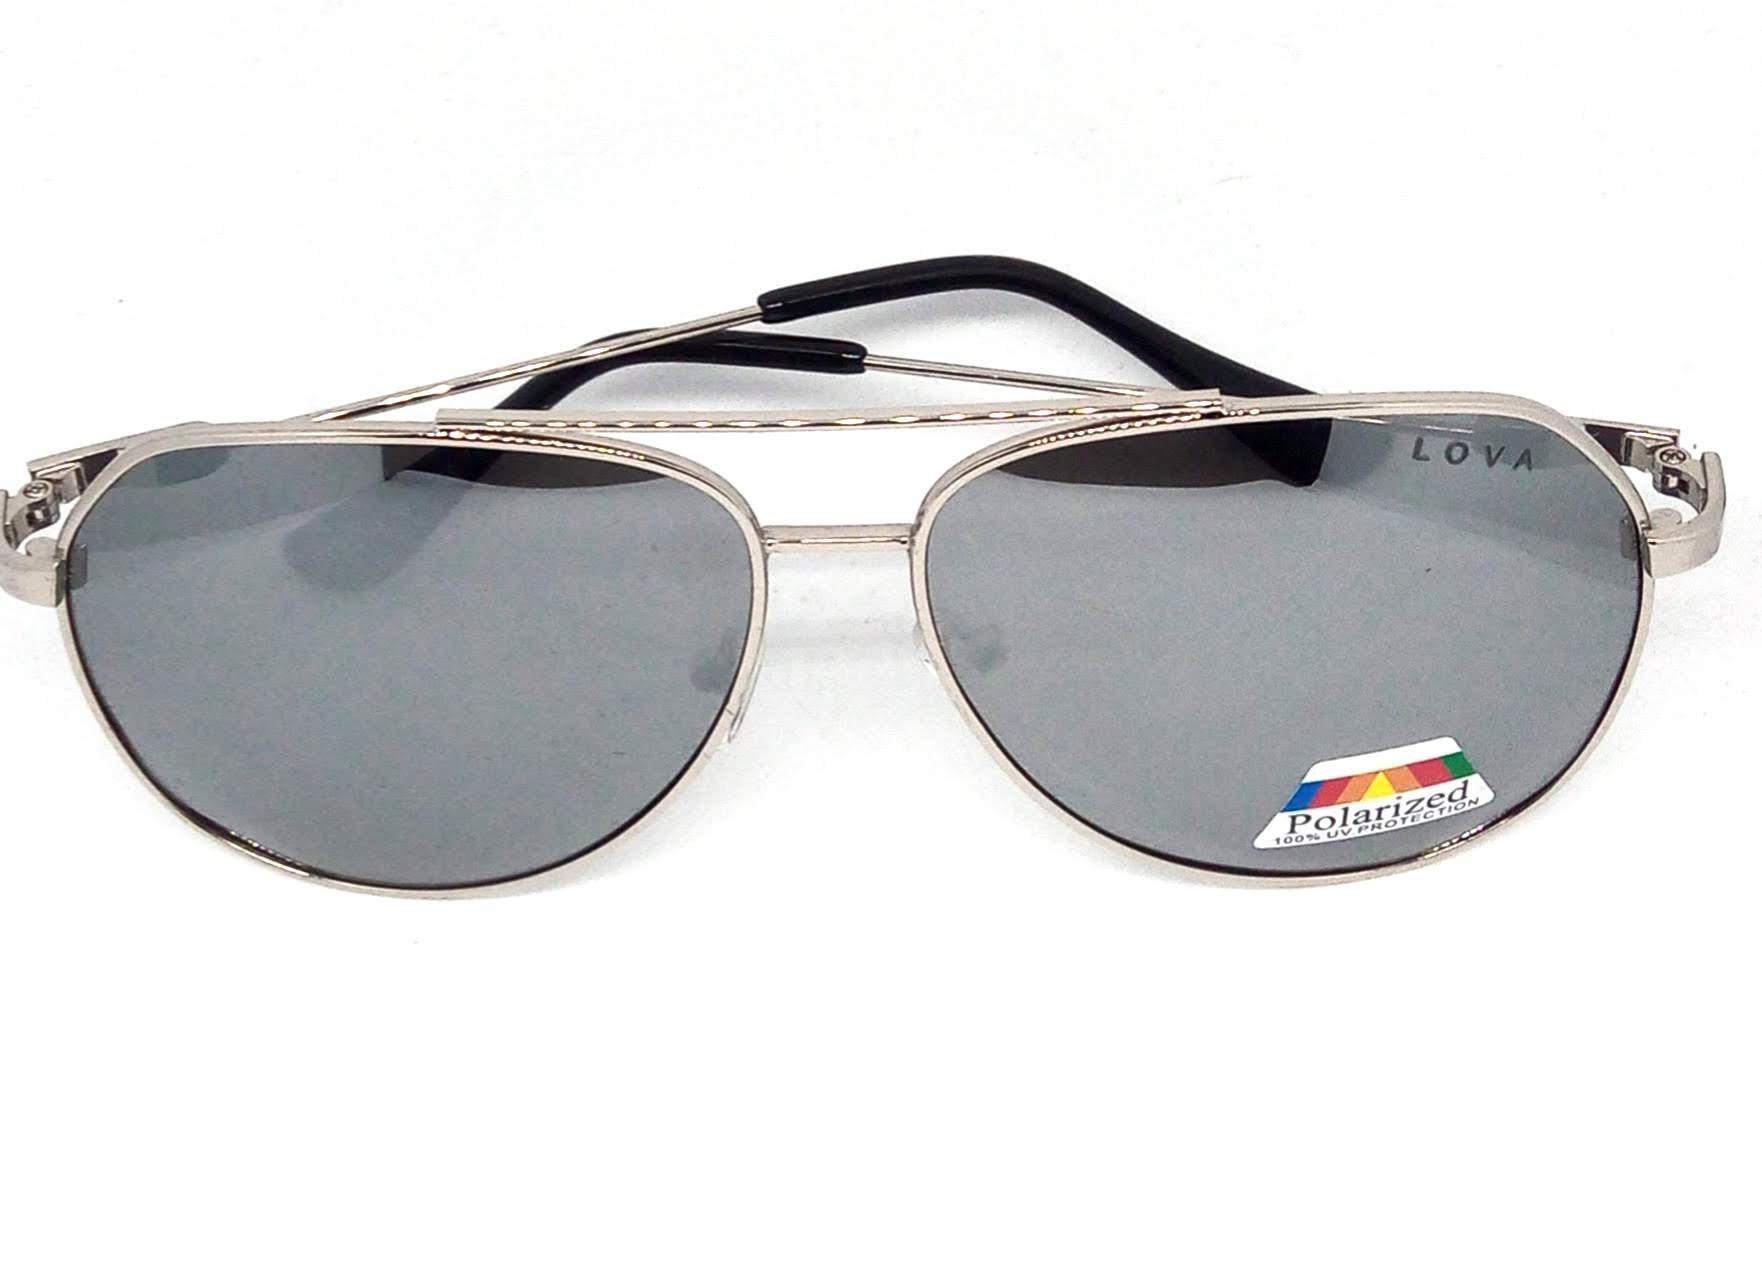 Óculos De Sol Masculino Aviador Metal Classic Lova Prata